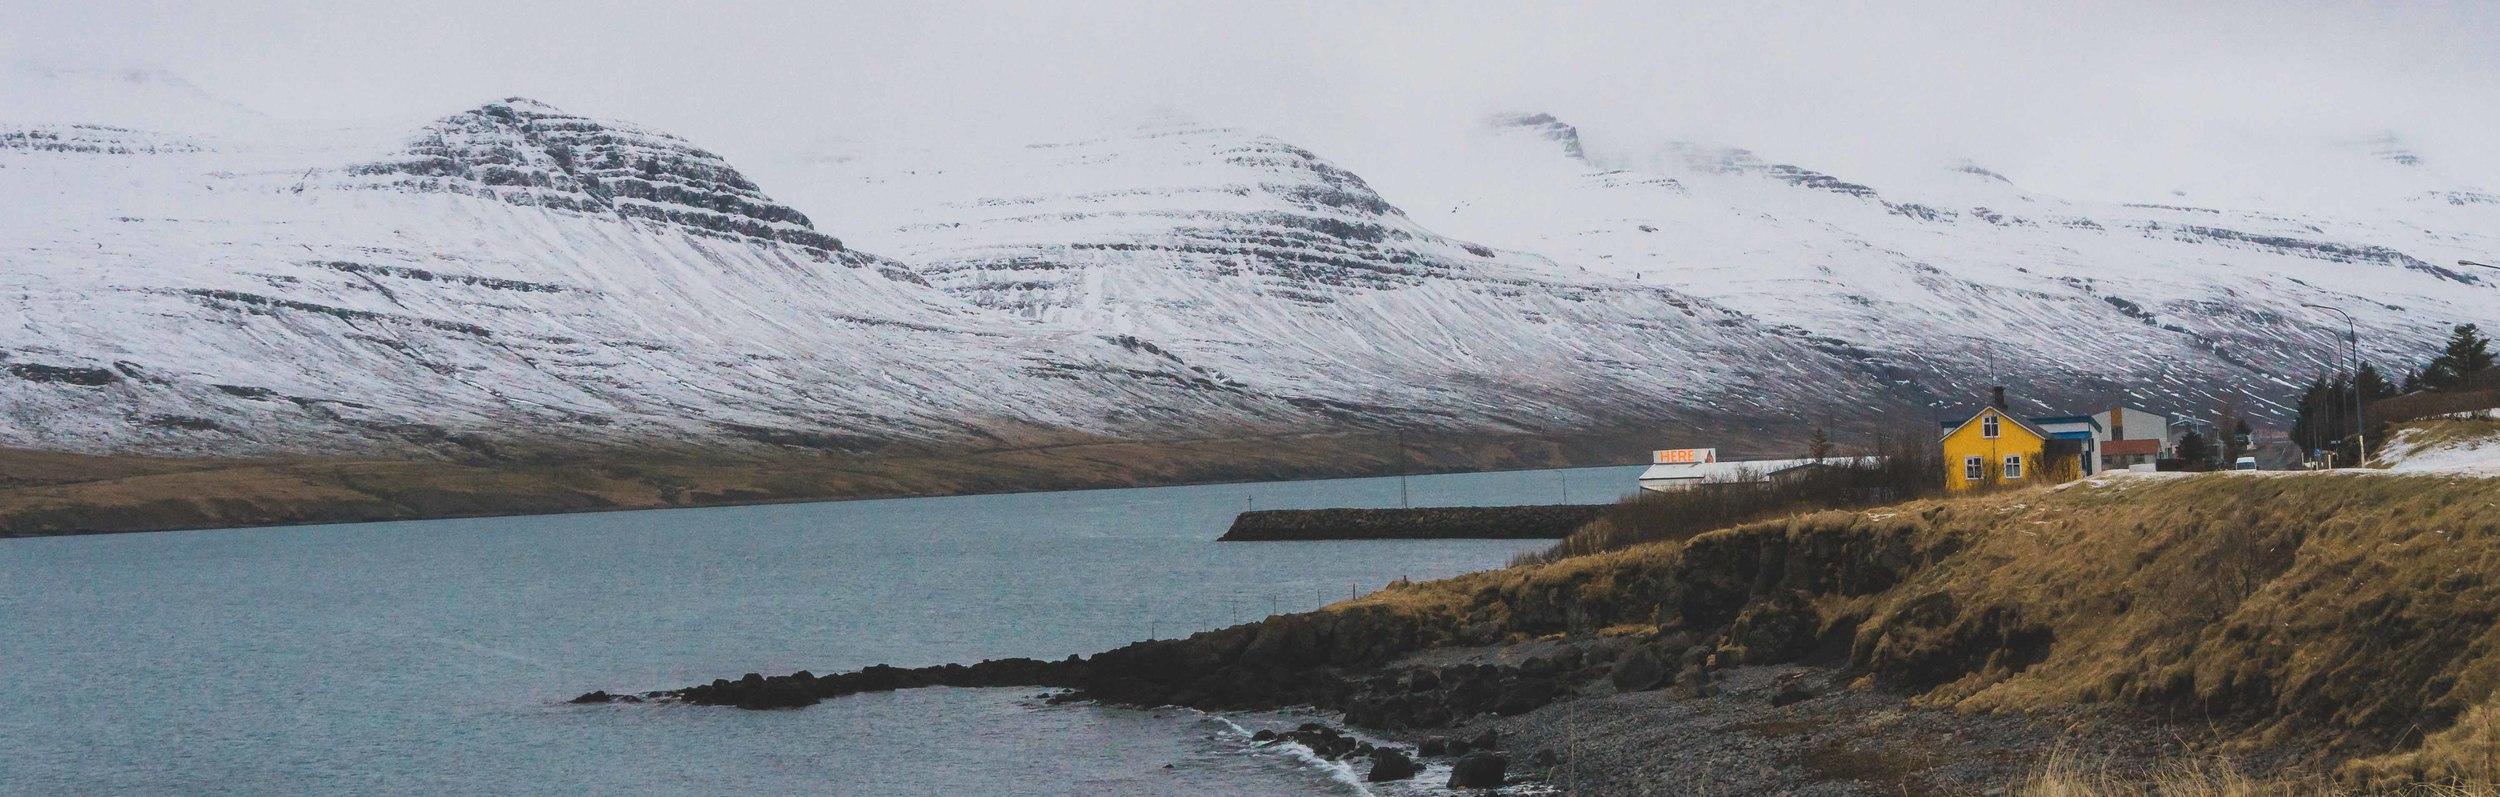 Fjords Iceland